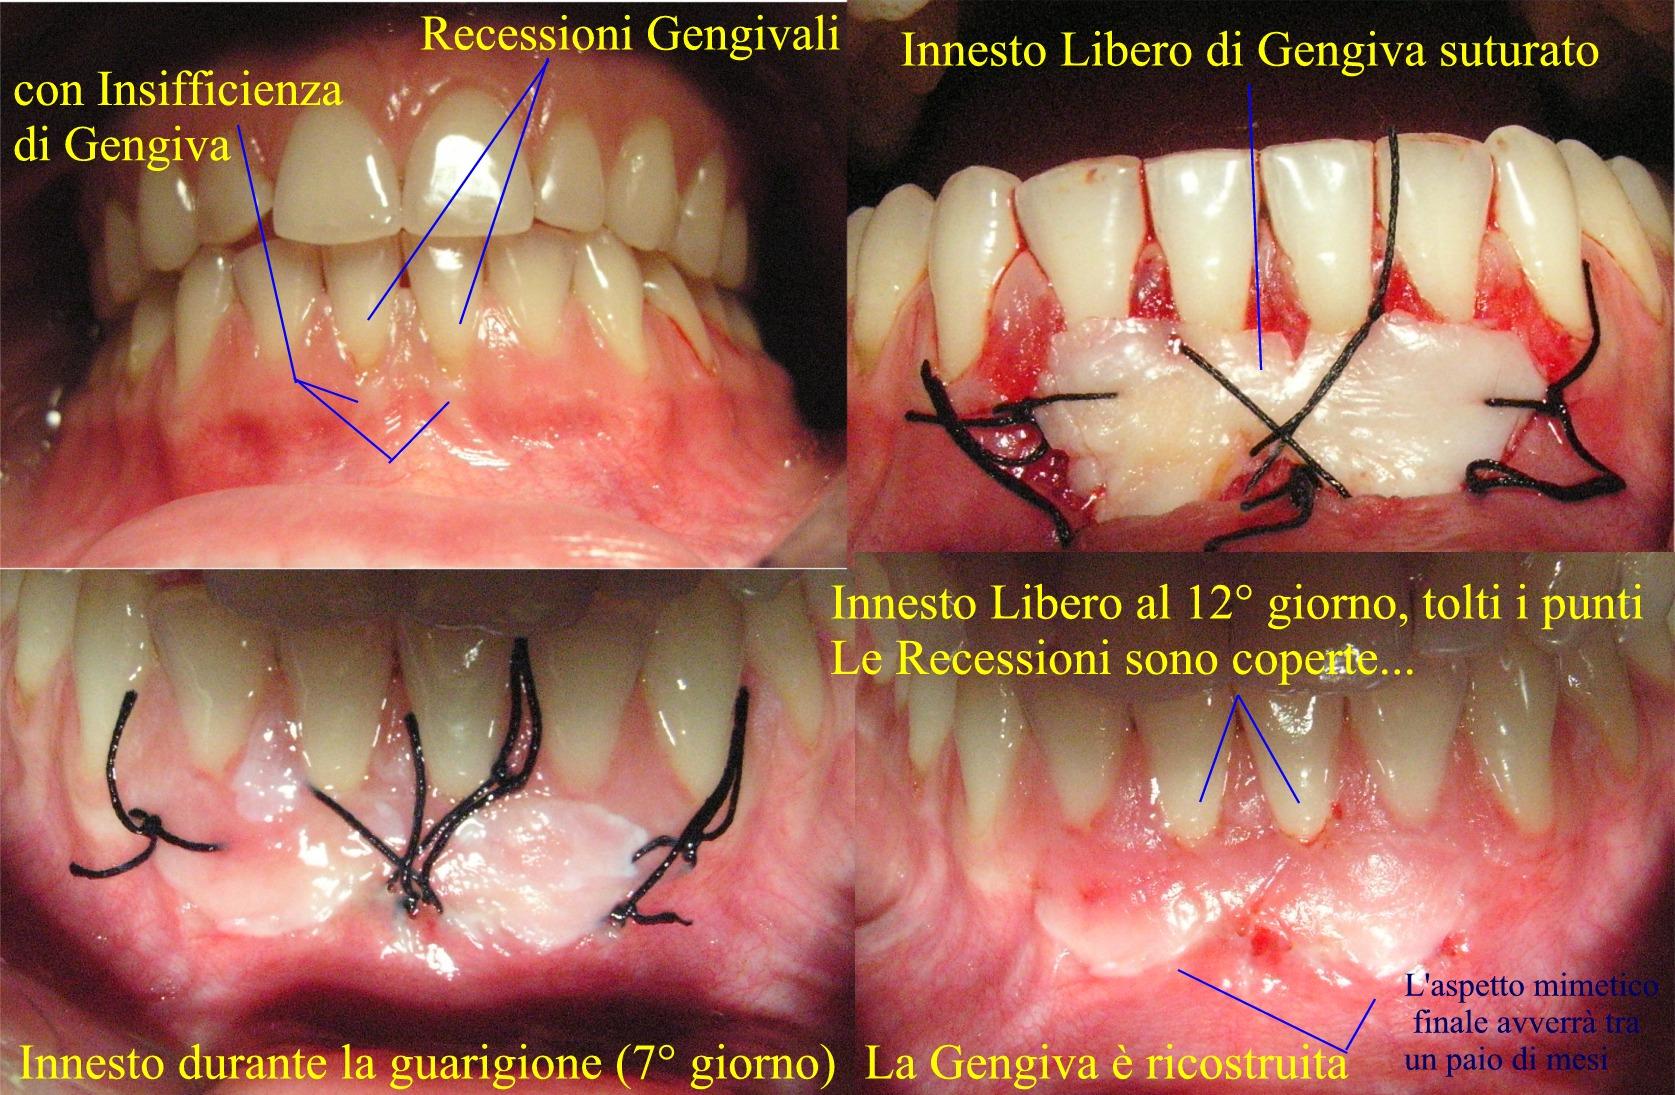 Innesti liberi di Gengiva. Da casistica Parodontale clinica del Dr. Gustavo Petti di Cagliari